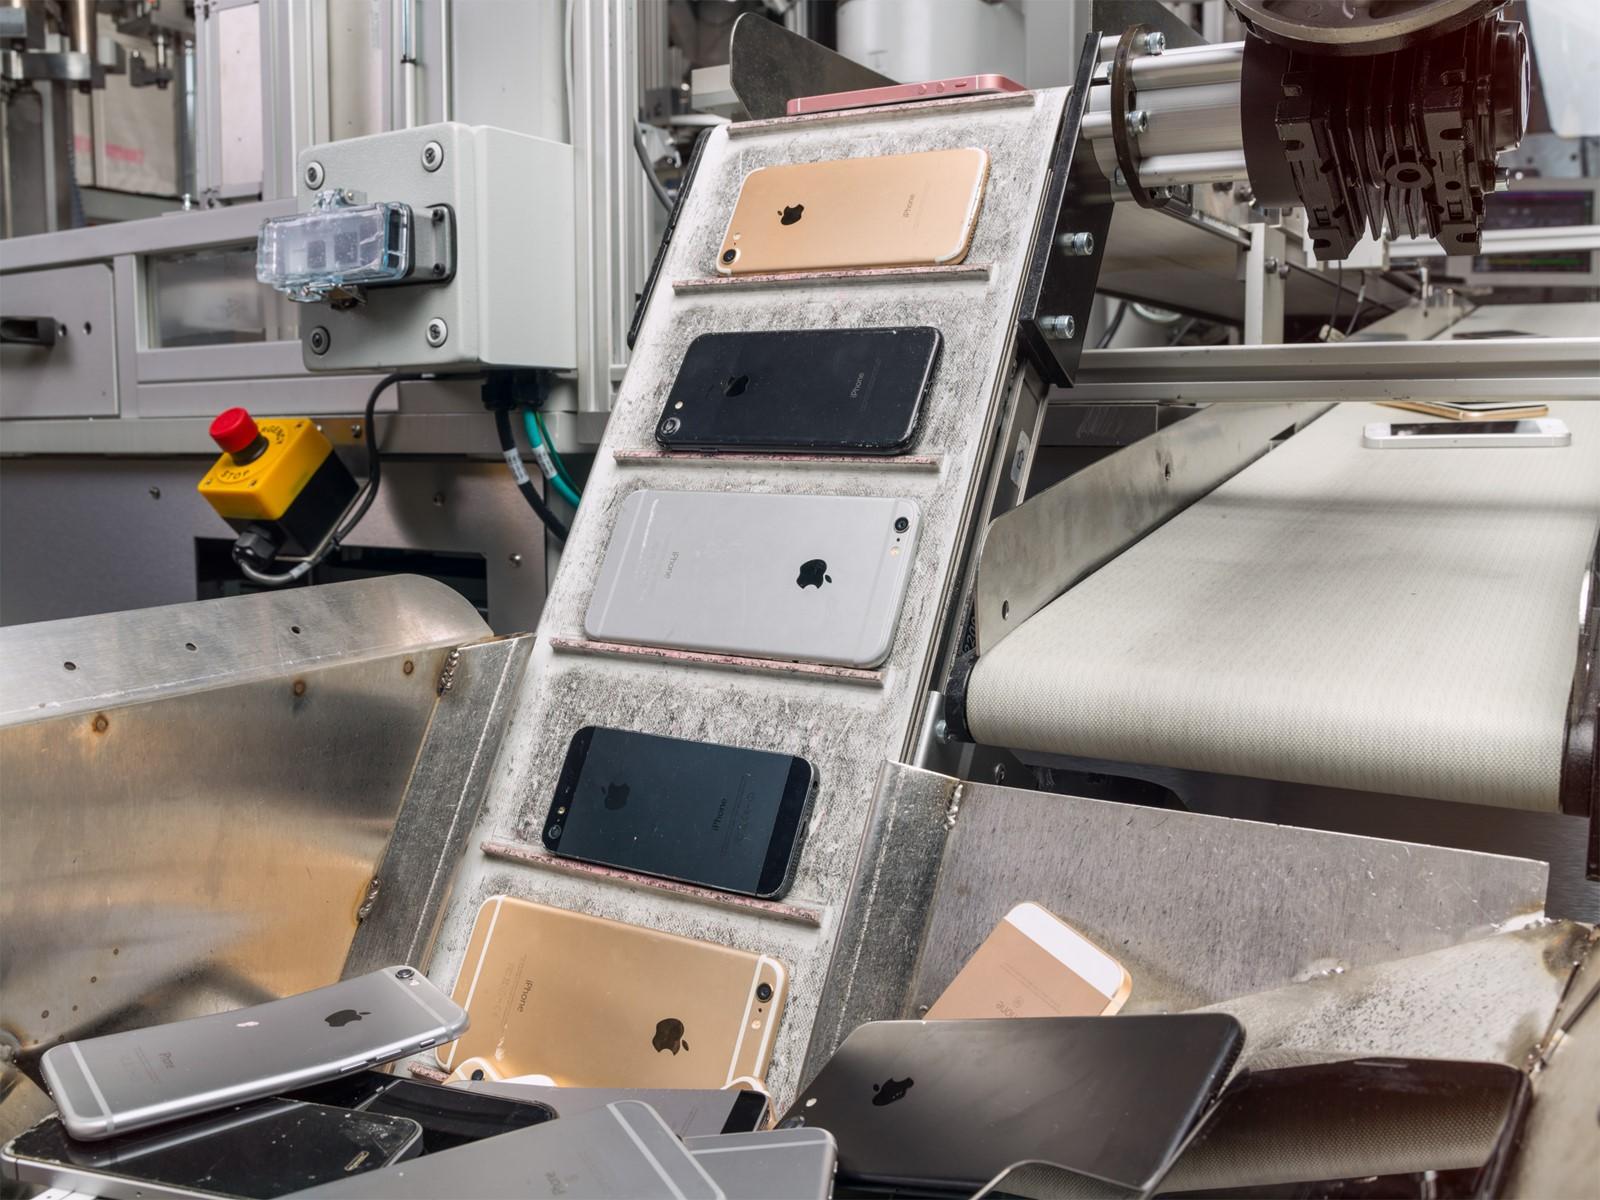 apple-ima-drugu-generaciju-robota-za-recikliranje-iphonea_ycDNPY